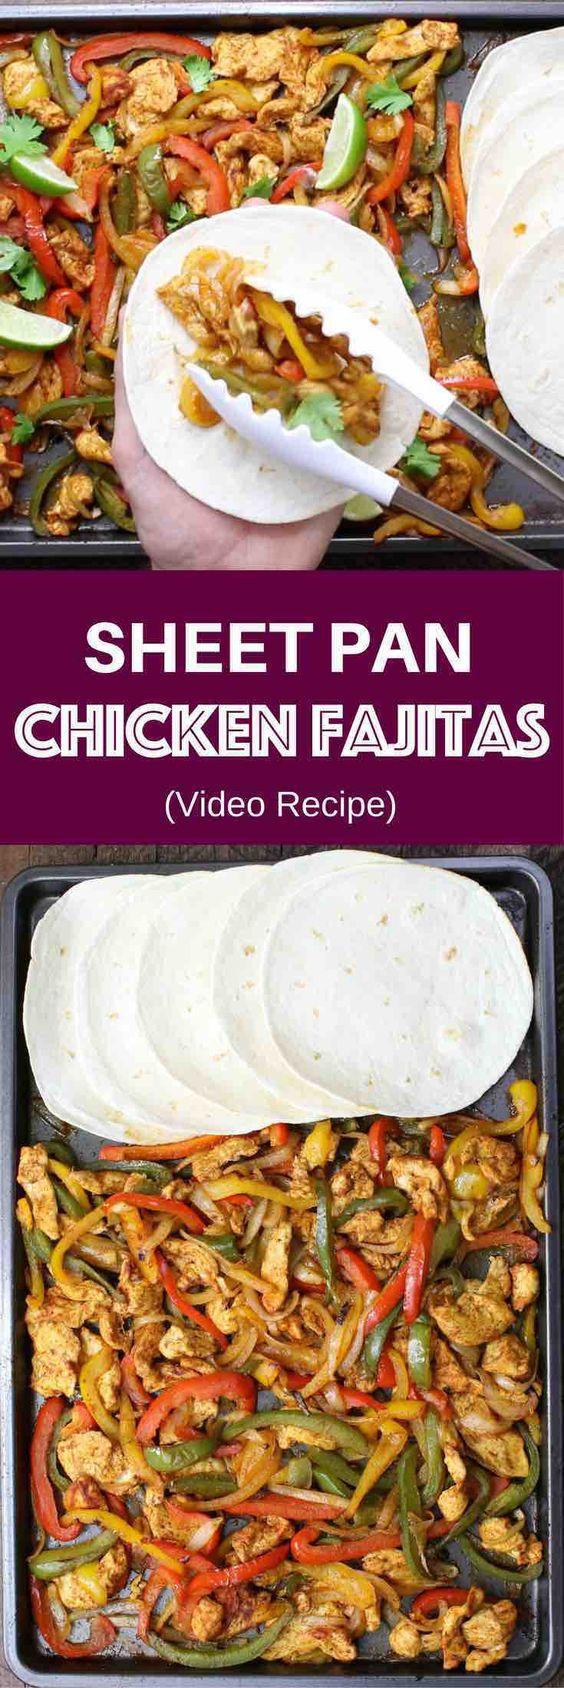 SHEET PAN BAKED CHICKEN FAJITAS